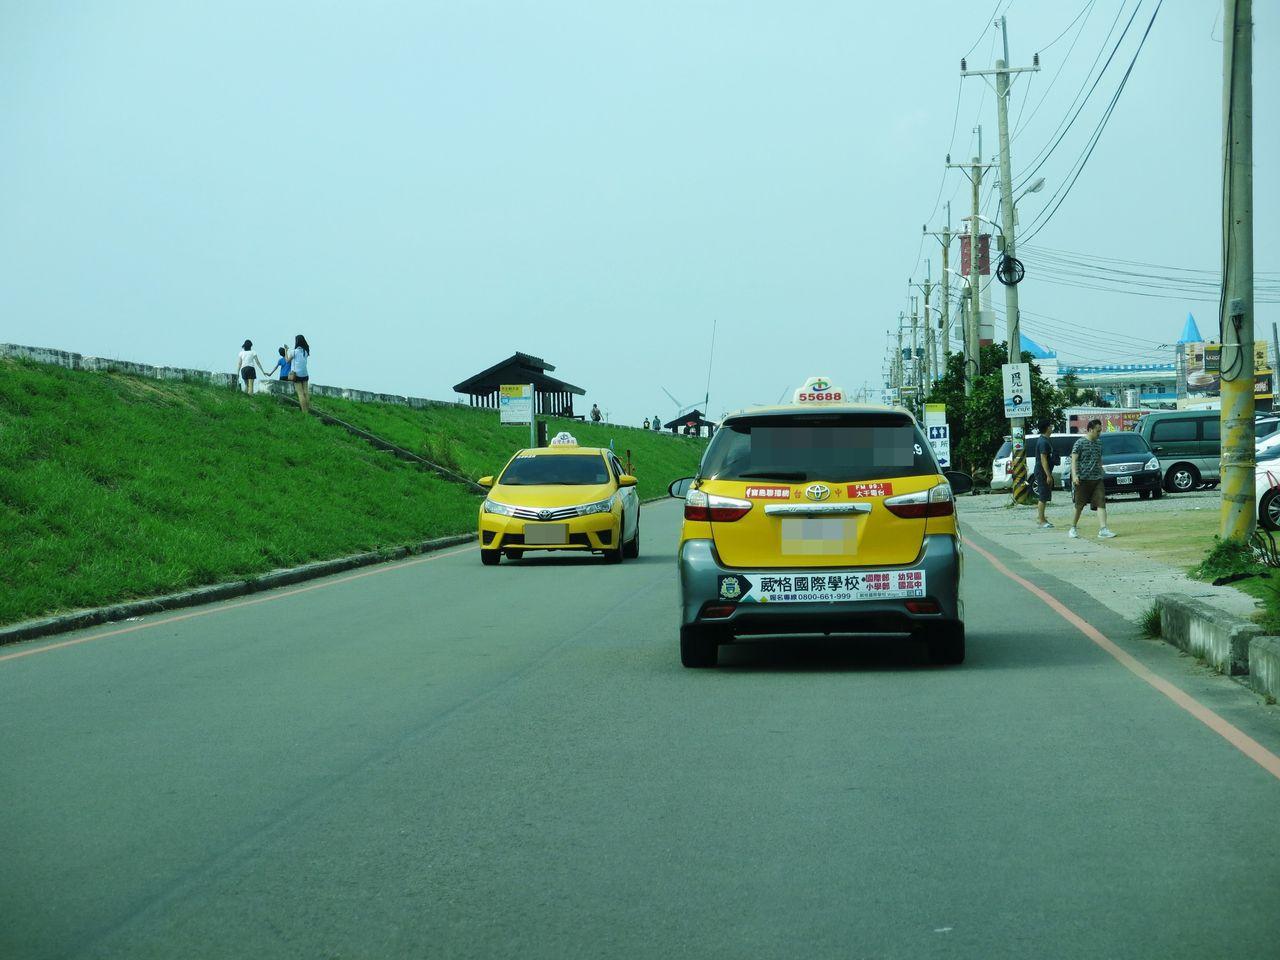 高美溼地是國際級觀光景點,但計程車不採行跳表收費,引發遊客不滿。記者黑中亮/攝影